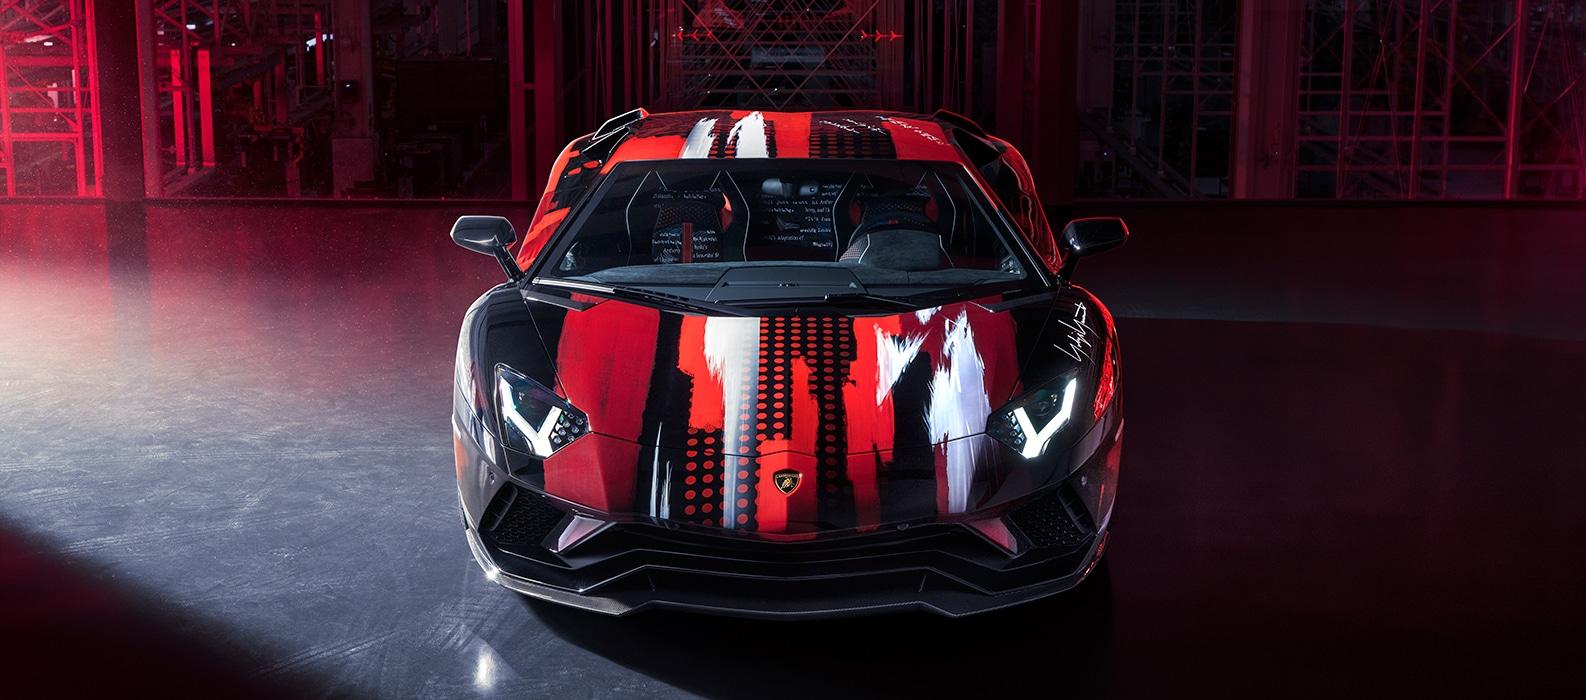 Фирма Lamborghini показала Aventador S Yamamoto: над оформлением суперкара поработал японец Ёдзи Ямамото. Шеф-стилист итальянской марки Митя Боркерт задумал коллаборацию после того, как увидел в Париже коллекцию модельера: автомобильного дизайнера восхитило сочетание белого, чёрного и красного.